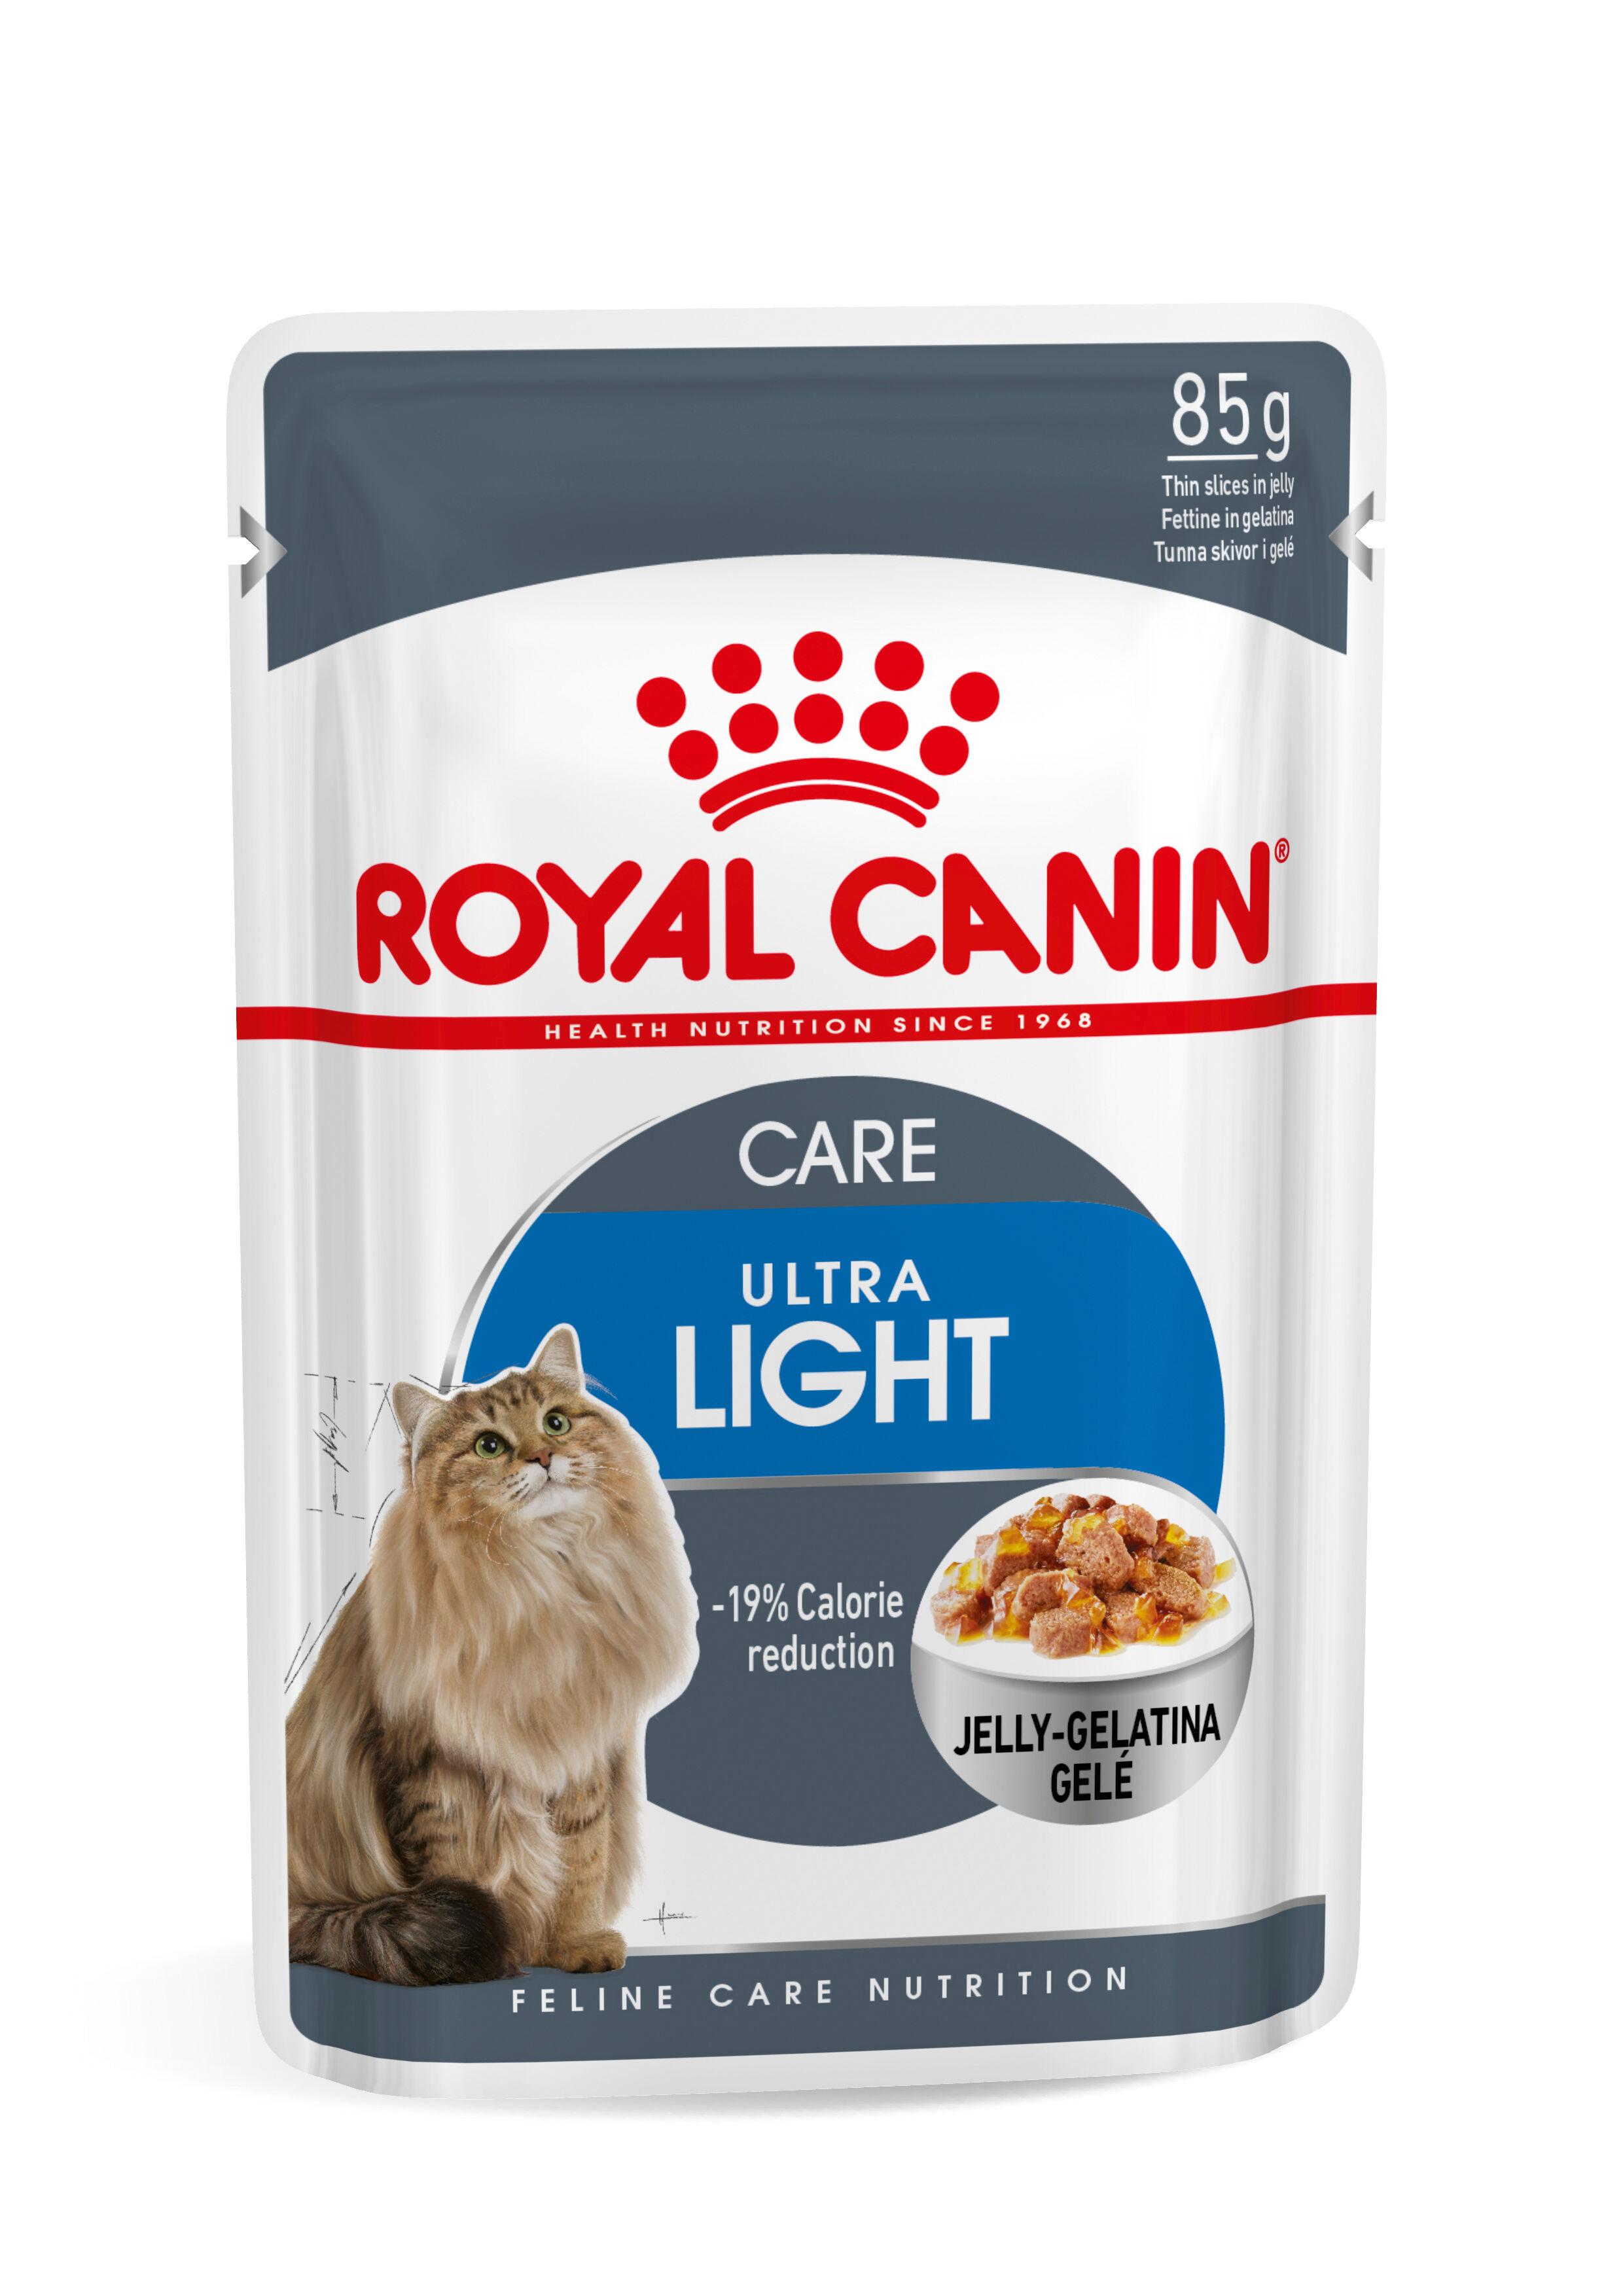 Royal Canin Ultra Light pour chat x12 2 x En Gelée